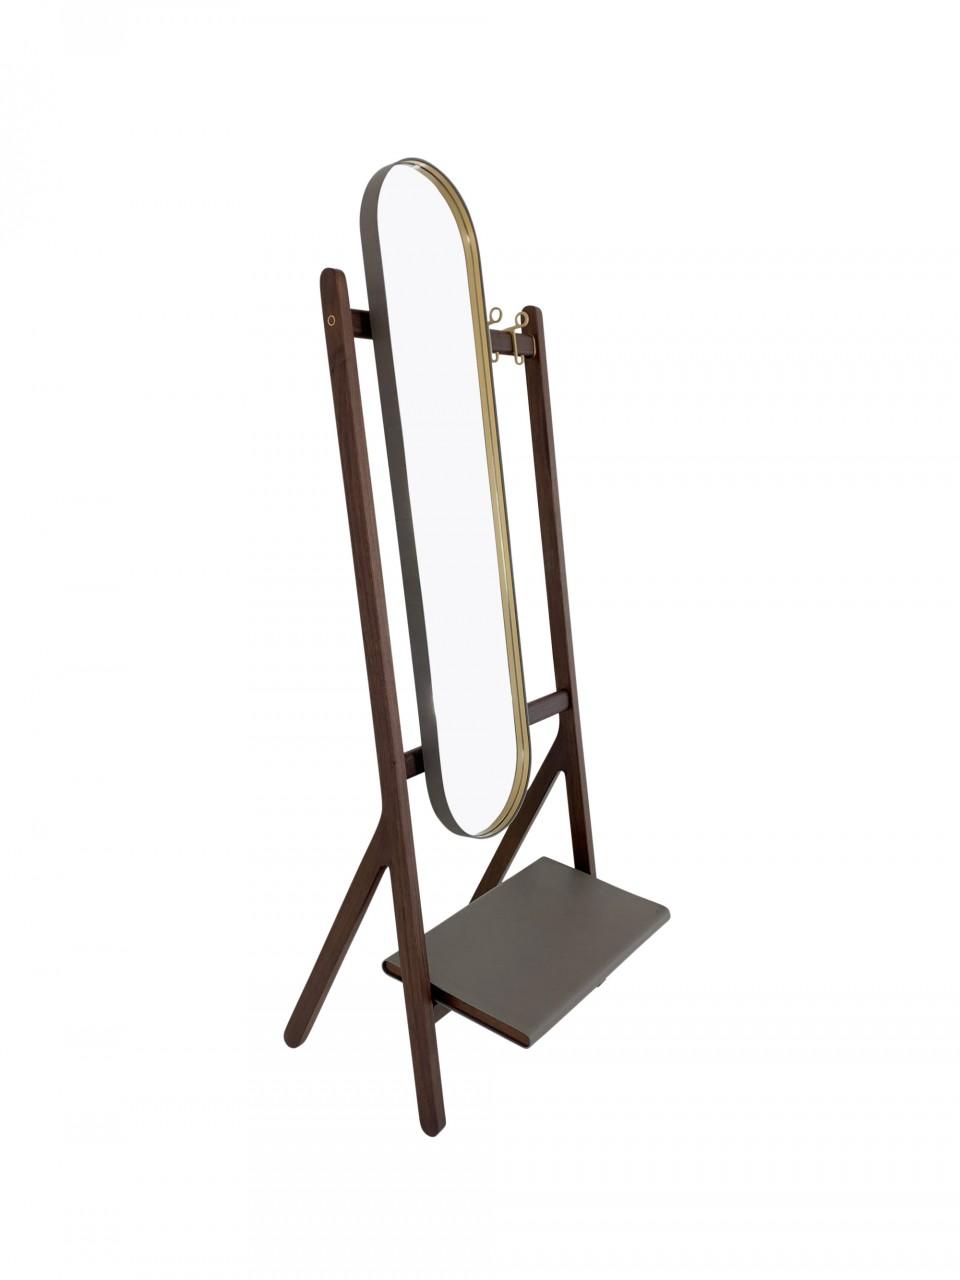 Poltrona Frau REN Garderobe mit Spiegel im saddle extra Kernleder polvere und Canaletto Nussbaum